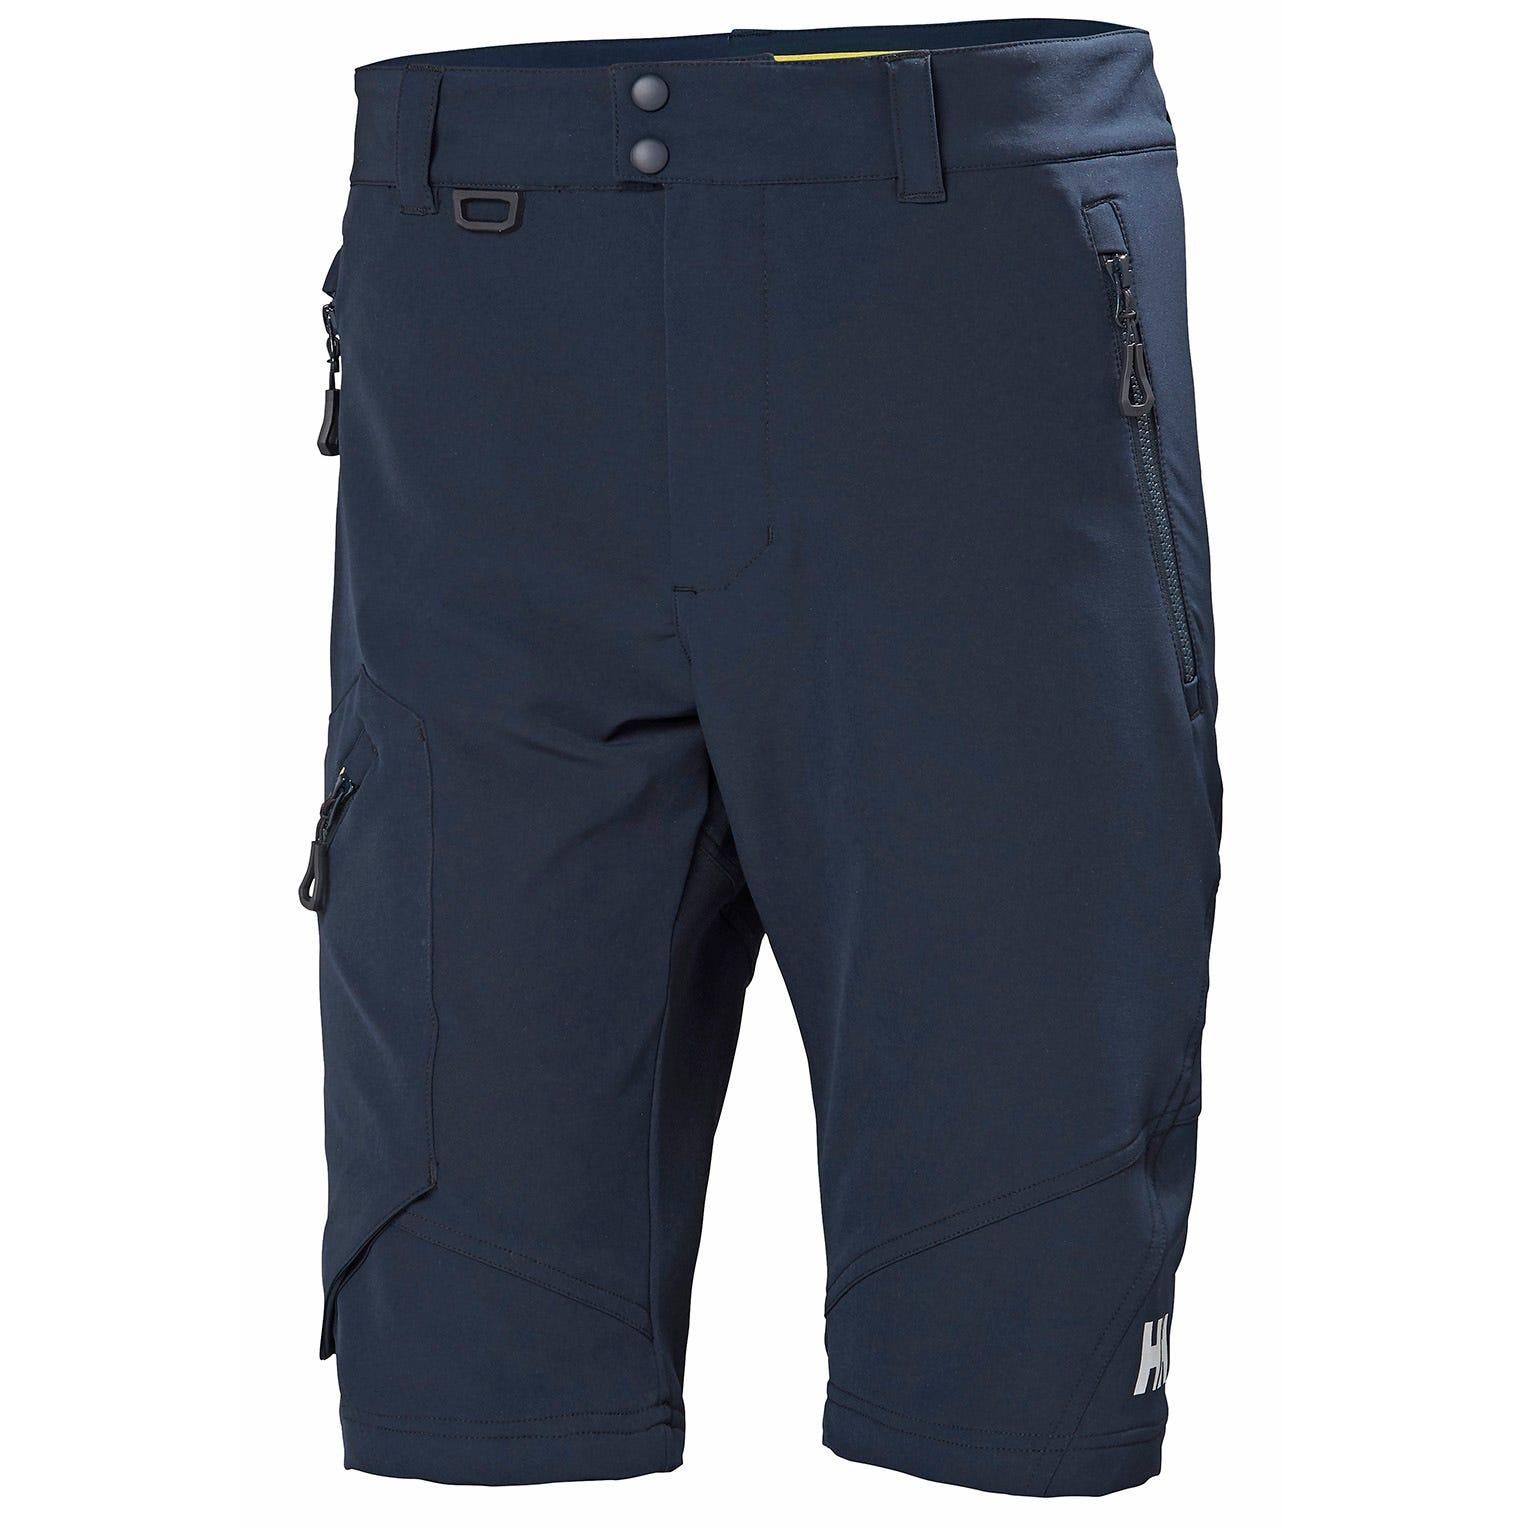 Helly Hansen Hp Softshell Shorts Mens Sailing Pant Navy L